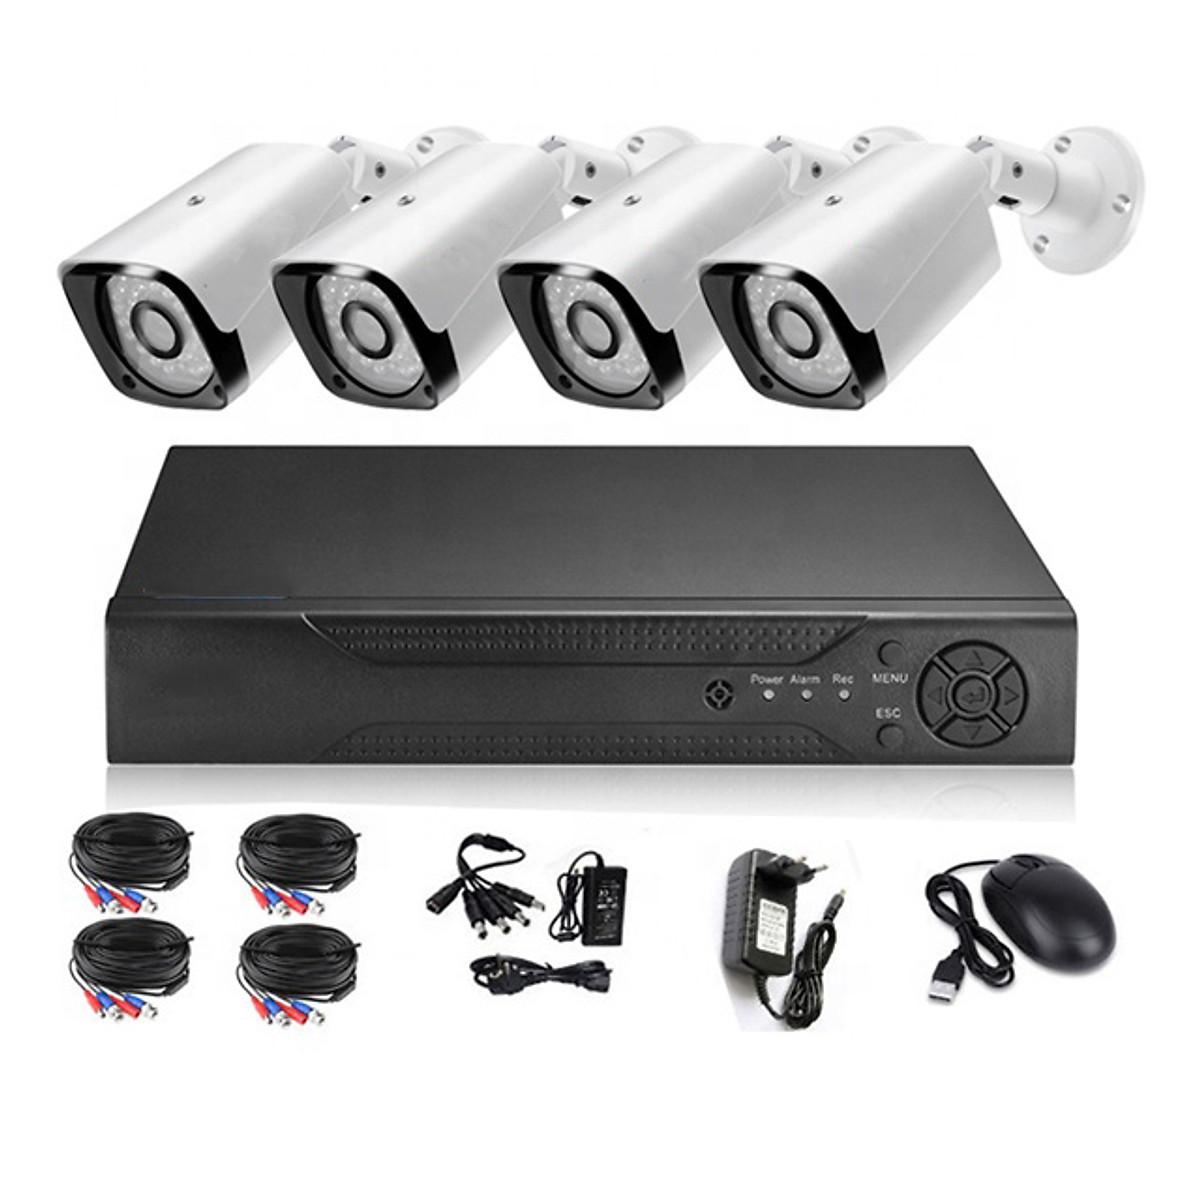 Bộ Camera KIT AHD ONTEK 4 Mắt Full HD 1080P – 2.0MP – Đủ phụ kiện Lắp đặt-Hàng nhập khẩu